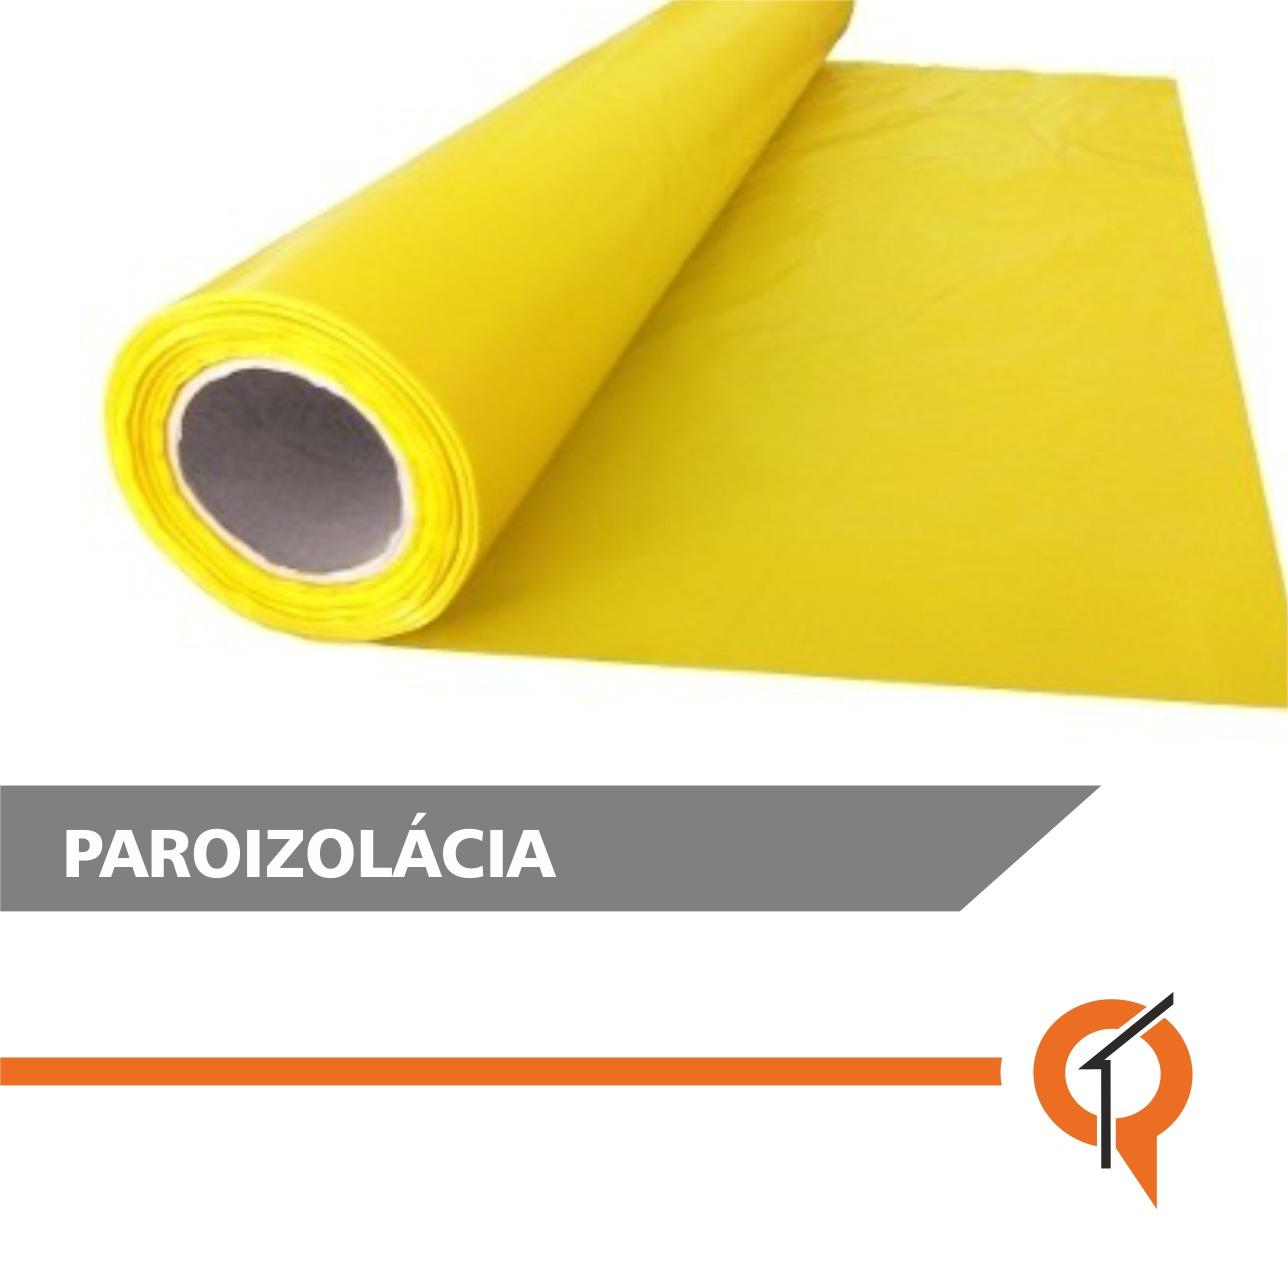 paroizolacia_qtrend